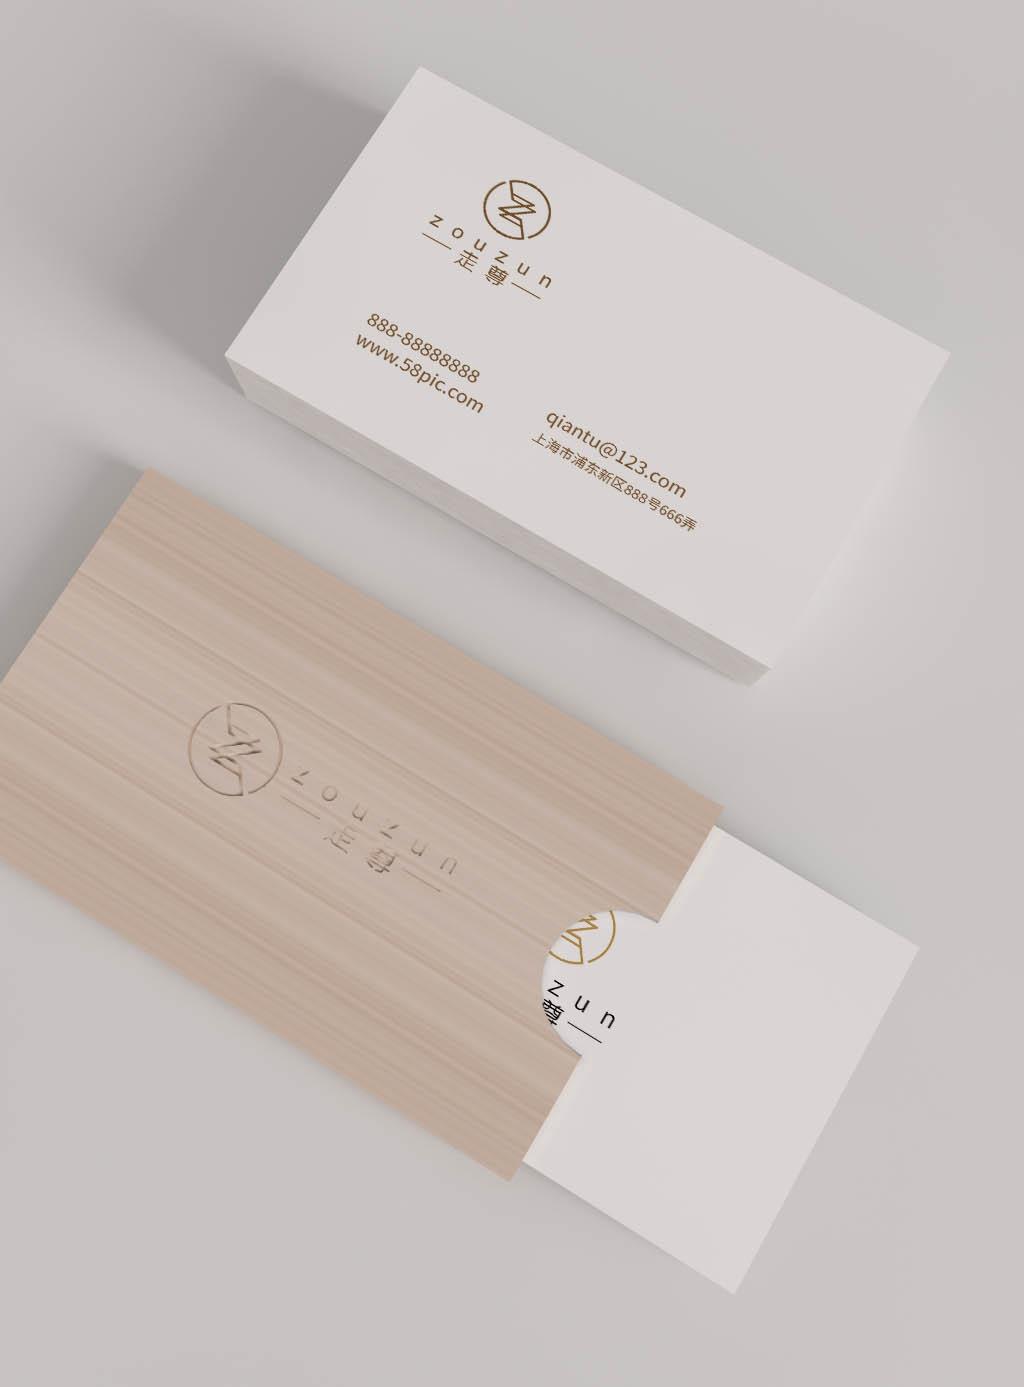 商标lgog设计、店铺名字设计_3035075_k68威客网